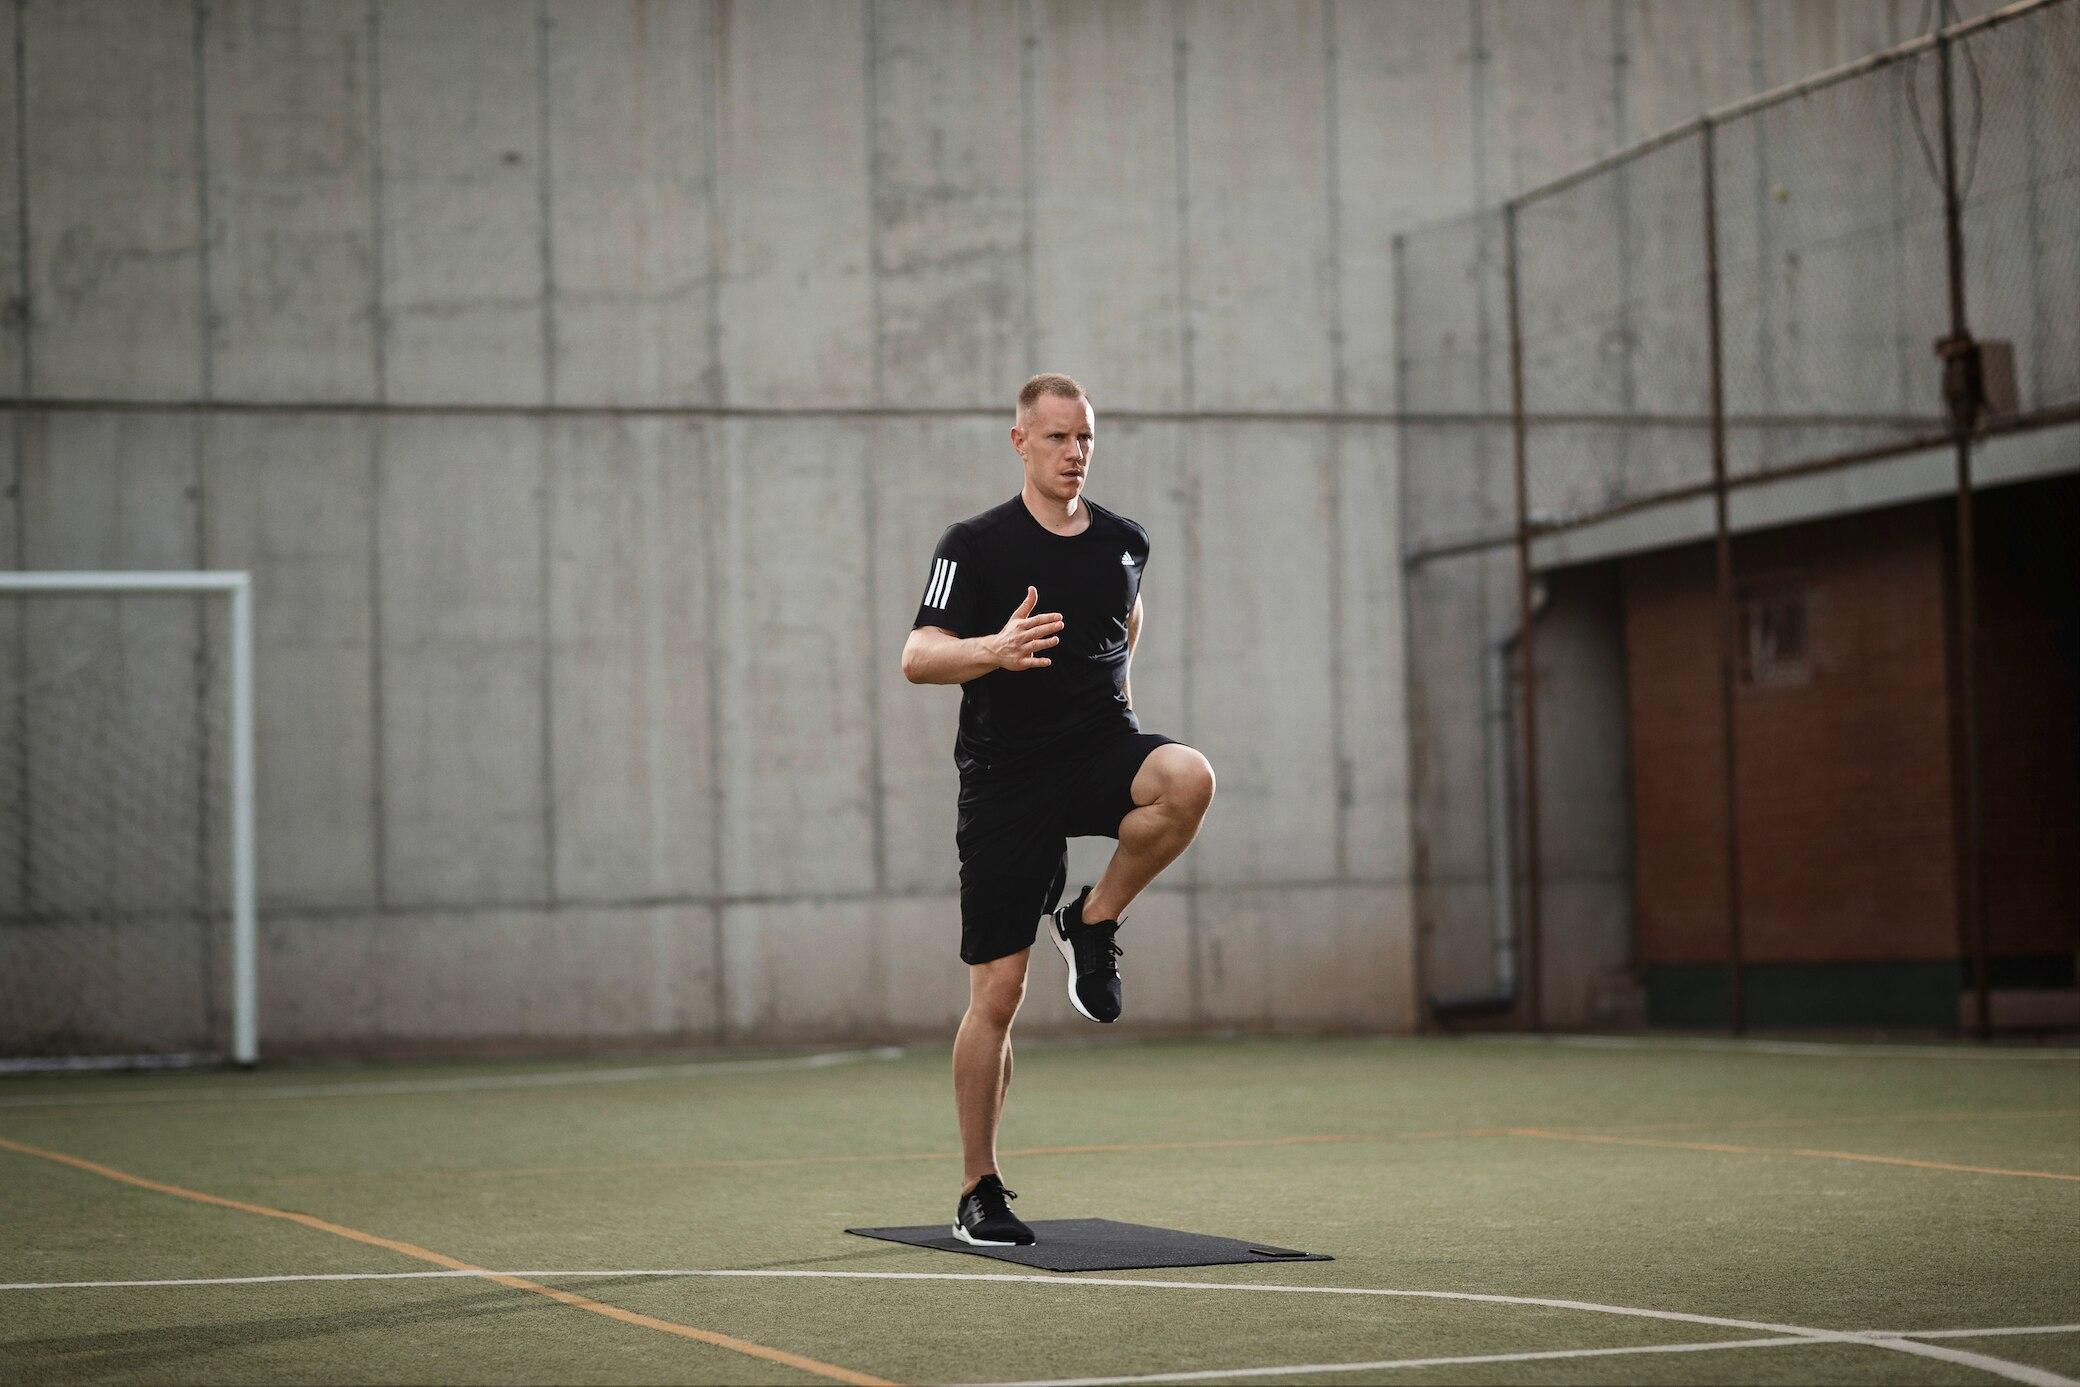 Marc-André ter Stegen macht Skipping Jumps